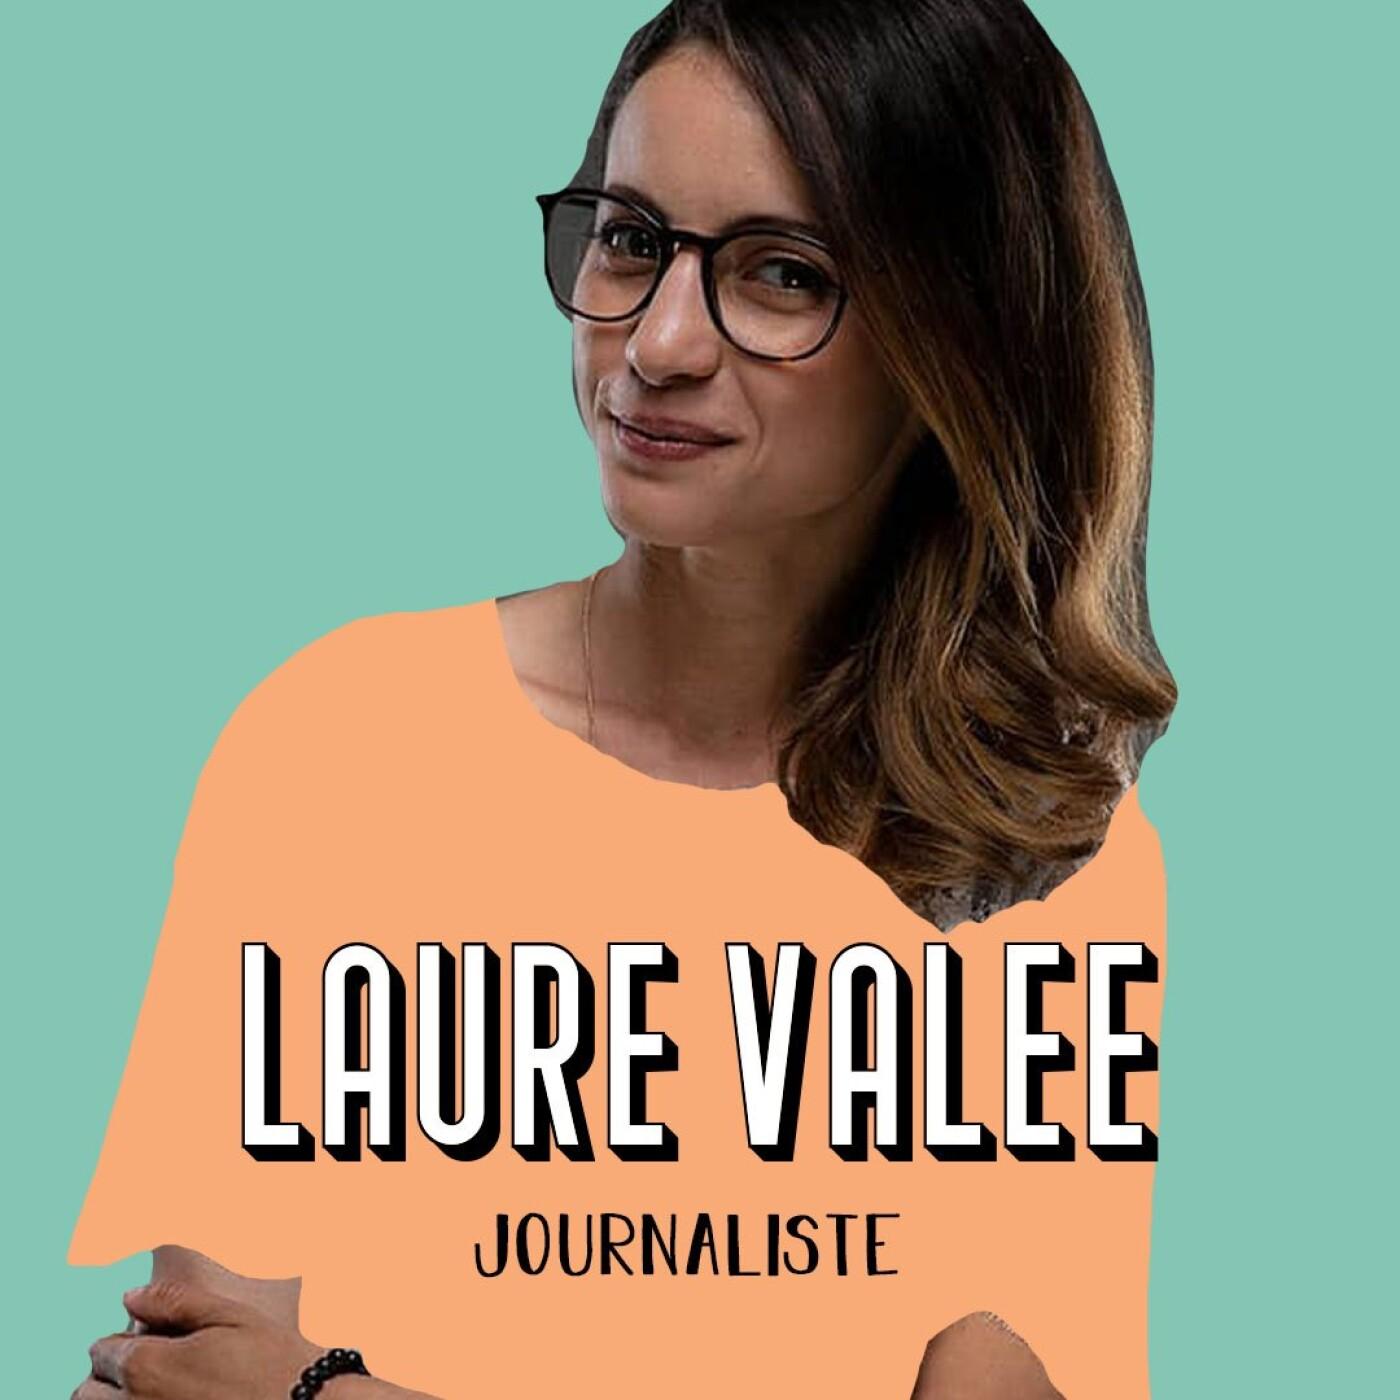 Laure Valée, Journaliste - Créer sa propre chance